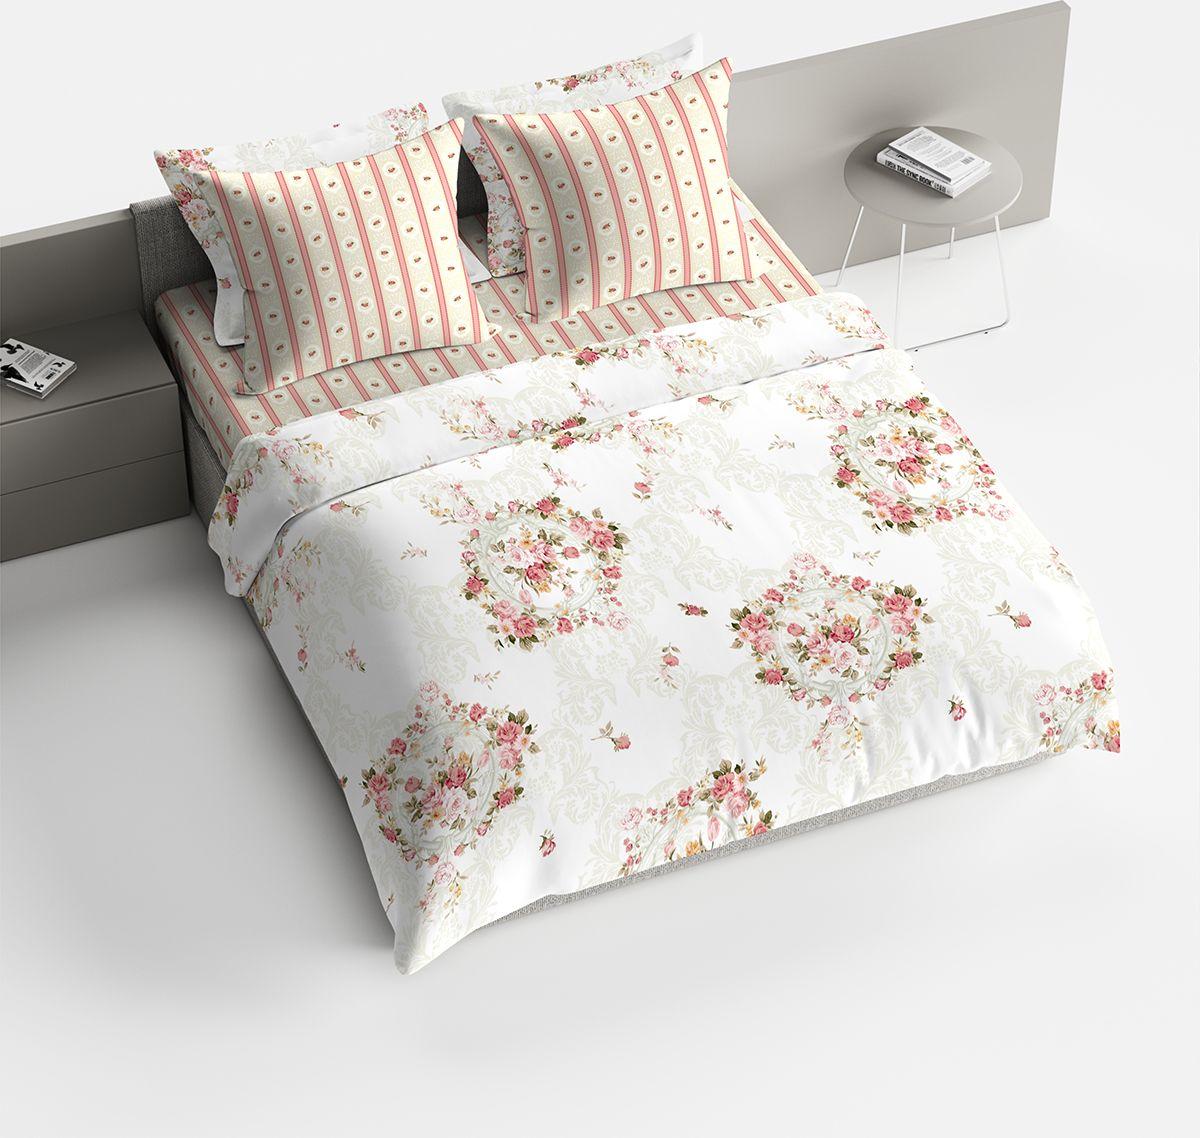 Комплект белья Браво Пробуждение, 1,5 спальное, наволочки 70x70, цвет: персиковый. 1842-146072